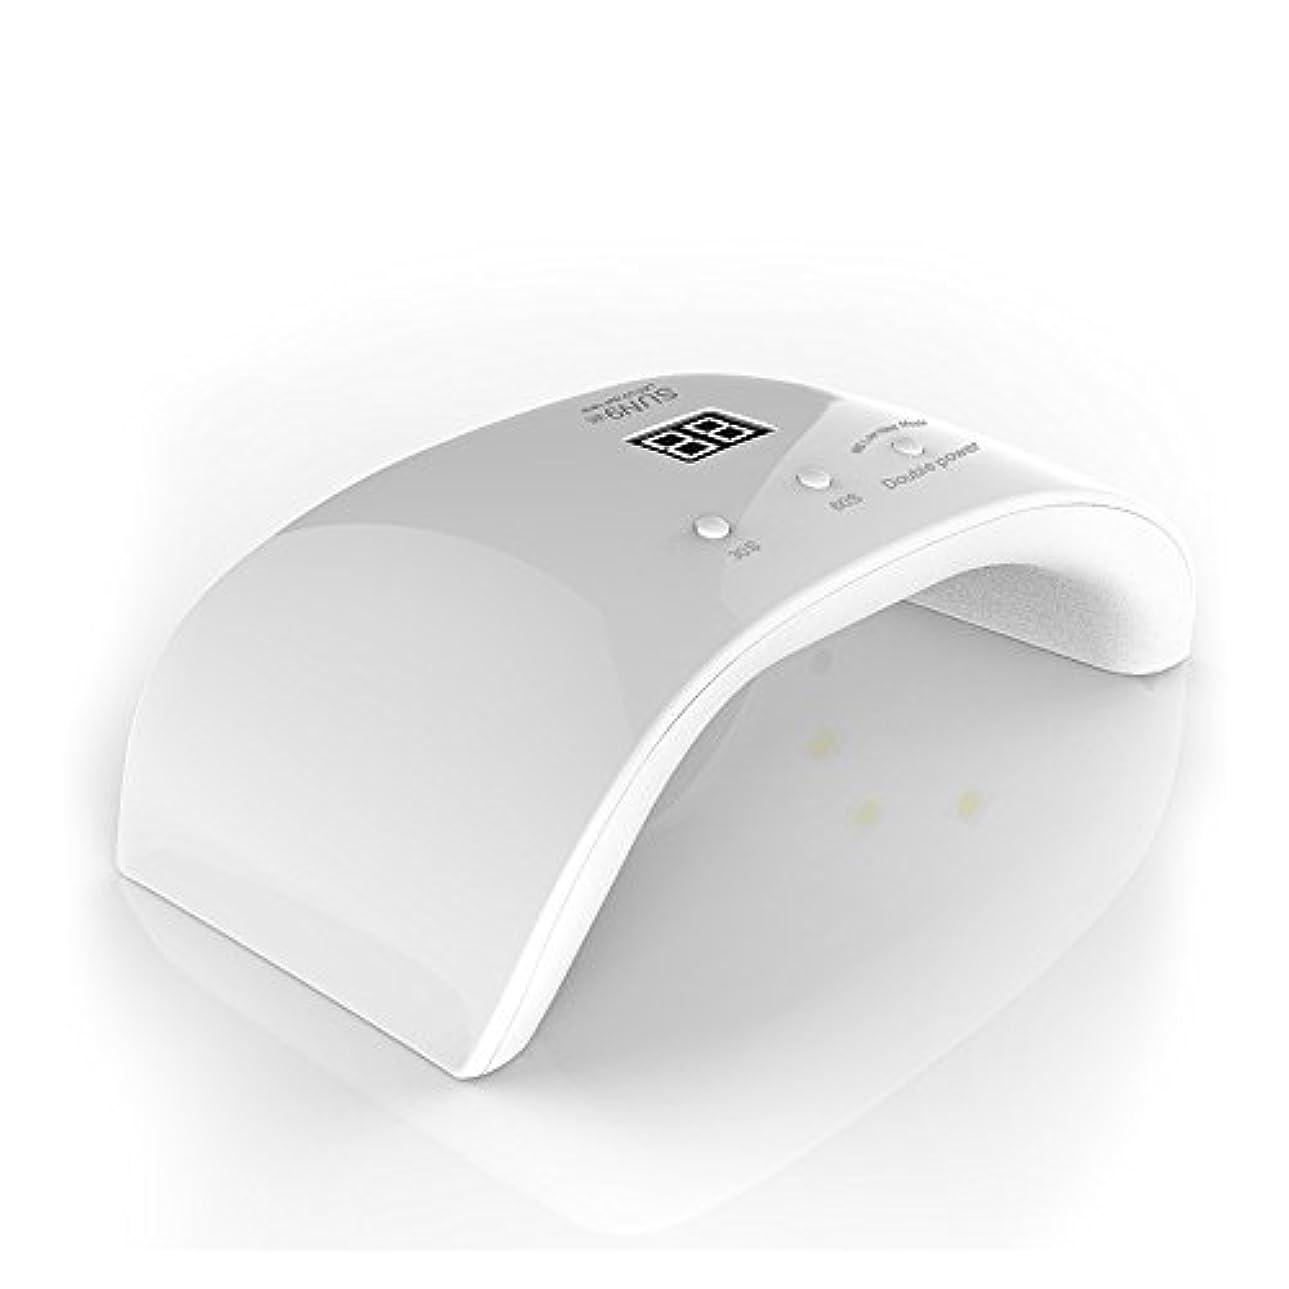 比較文字現実にはyu&happy ネイル硬化用ライト すぐ乾く 24W UVライト LEDライト マニキュア ジェルネイル用 LED ネイルドライヤー タイマー機能 自動センサー 機能 レジン (ホワイト)